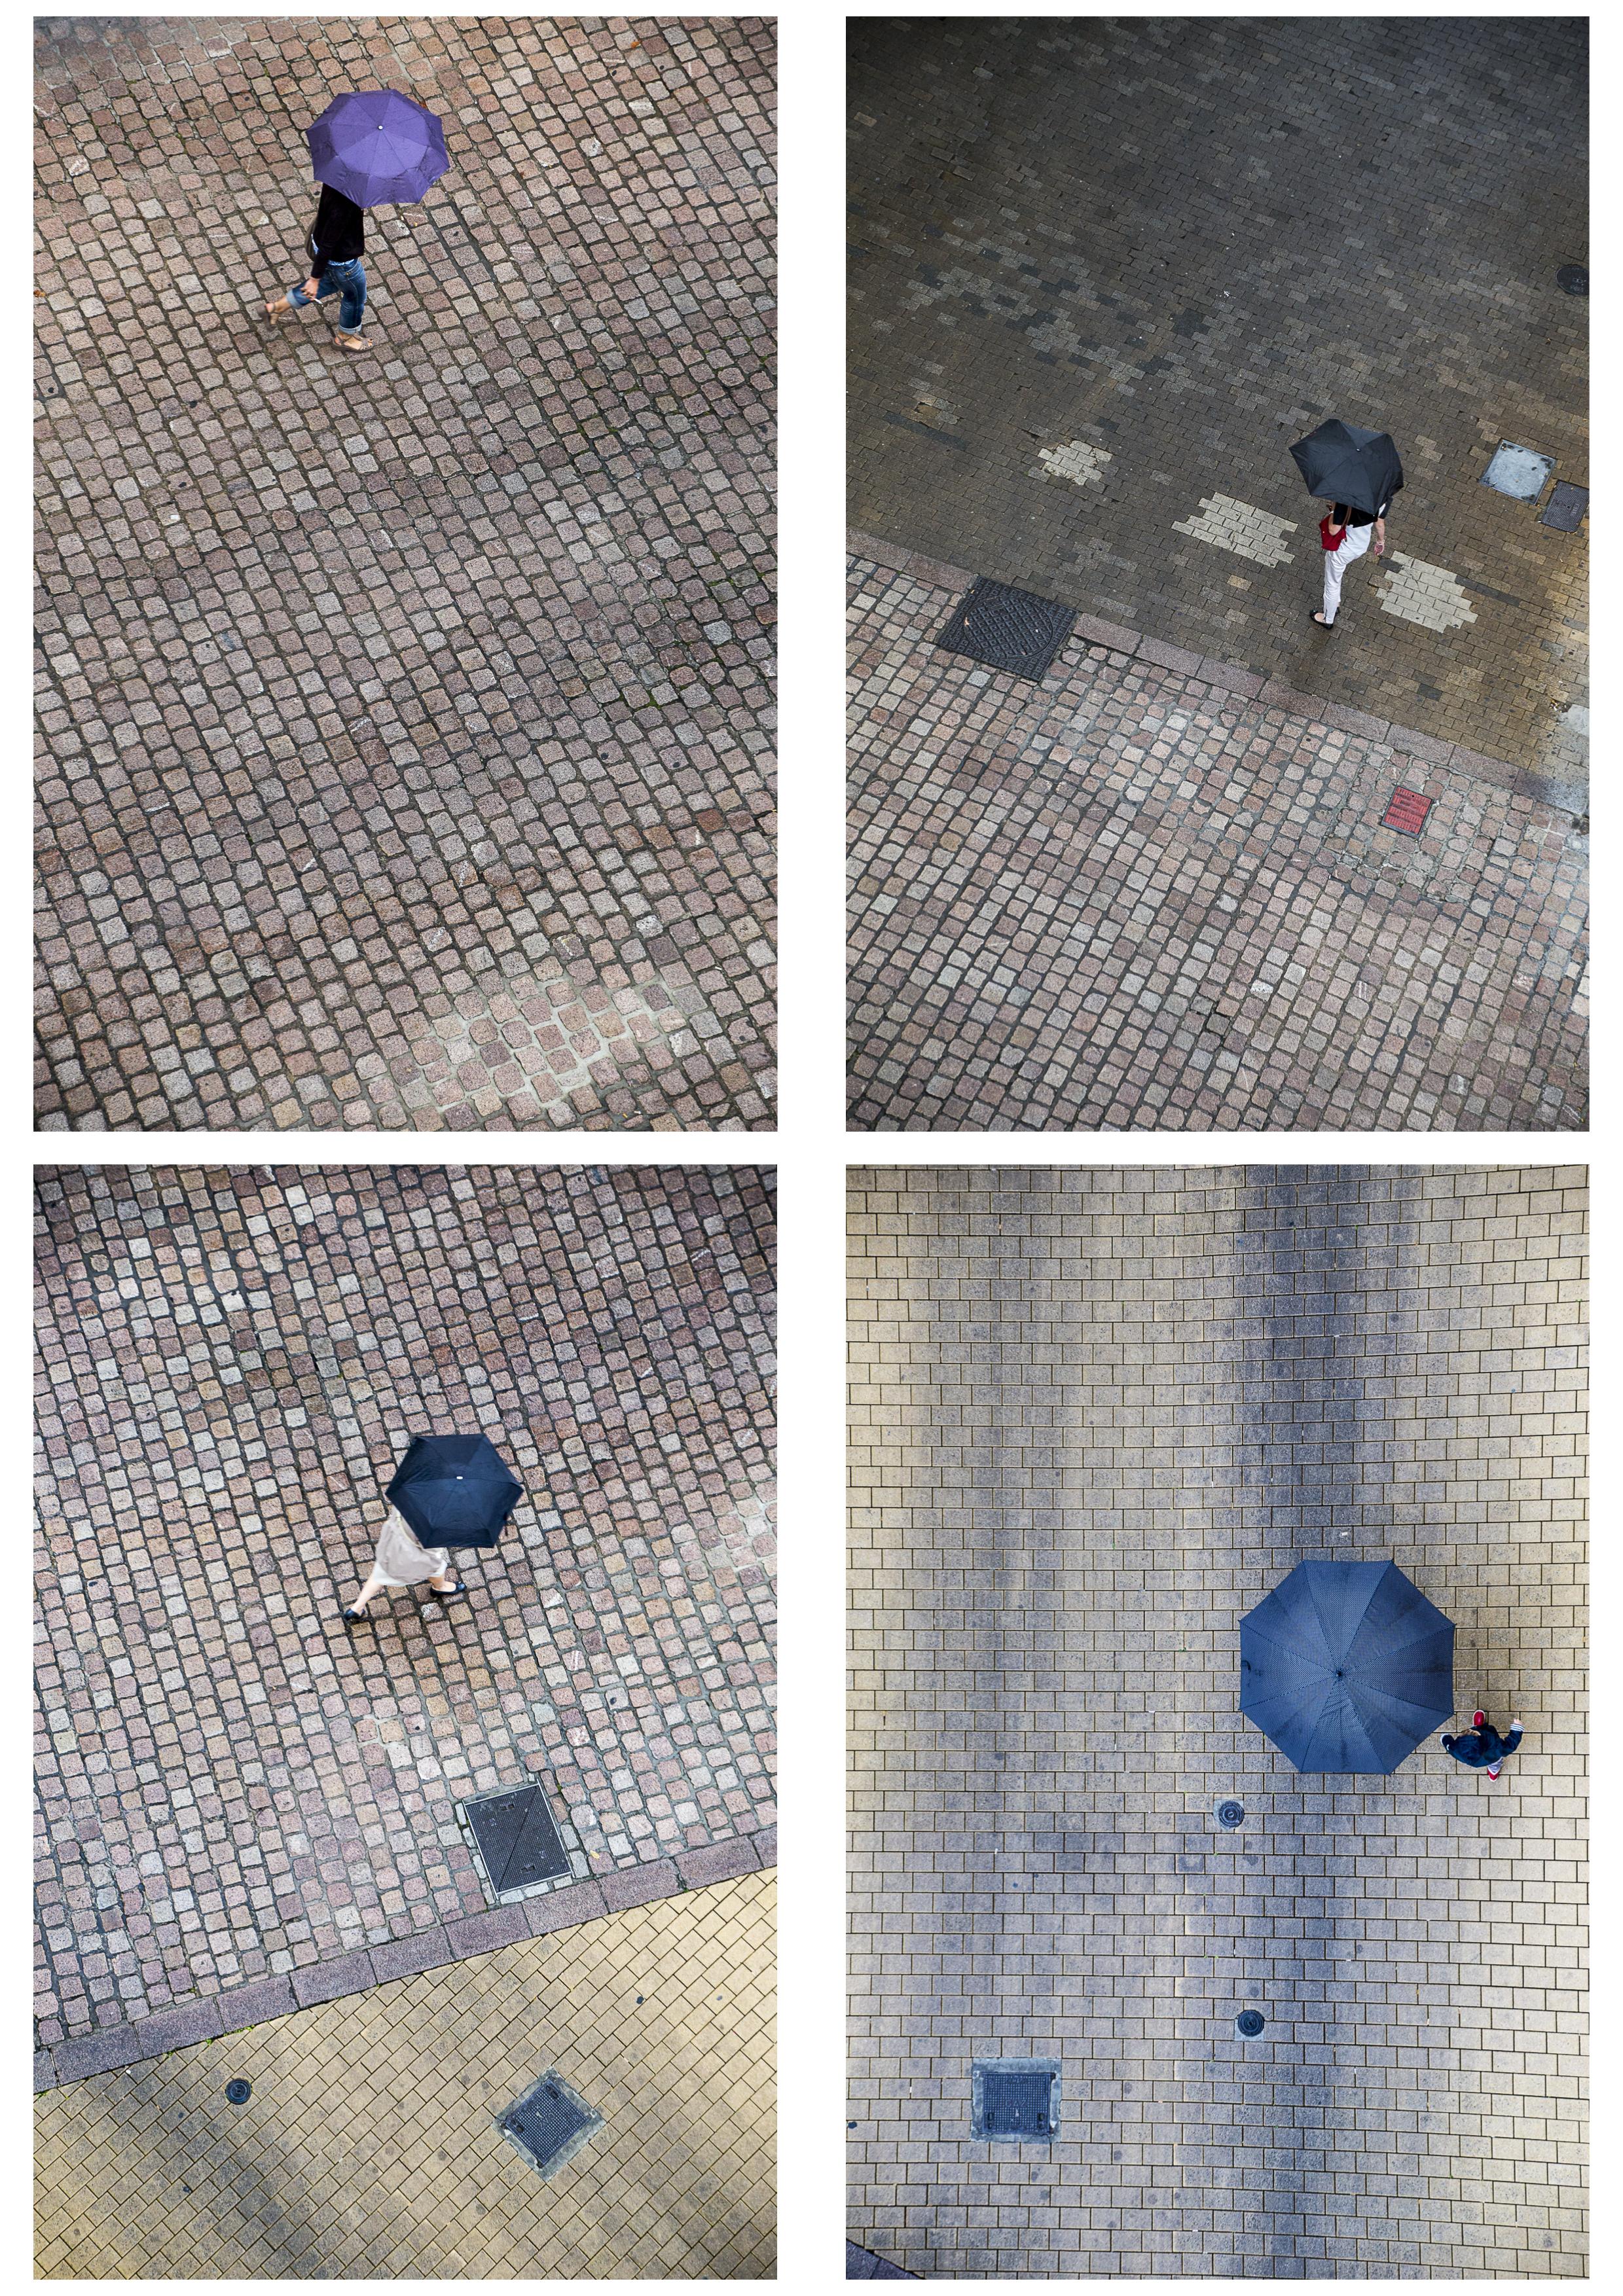 promenade sous la pluie-1